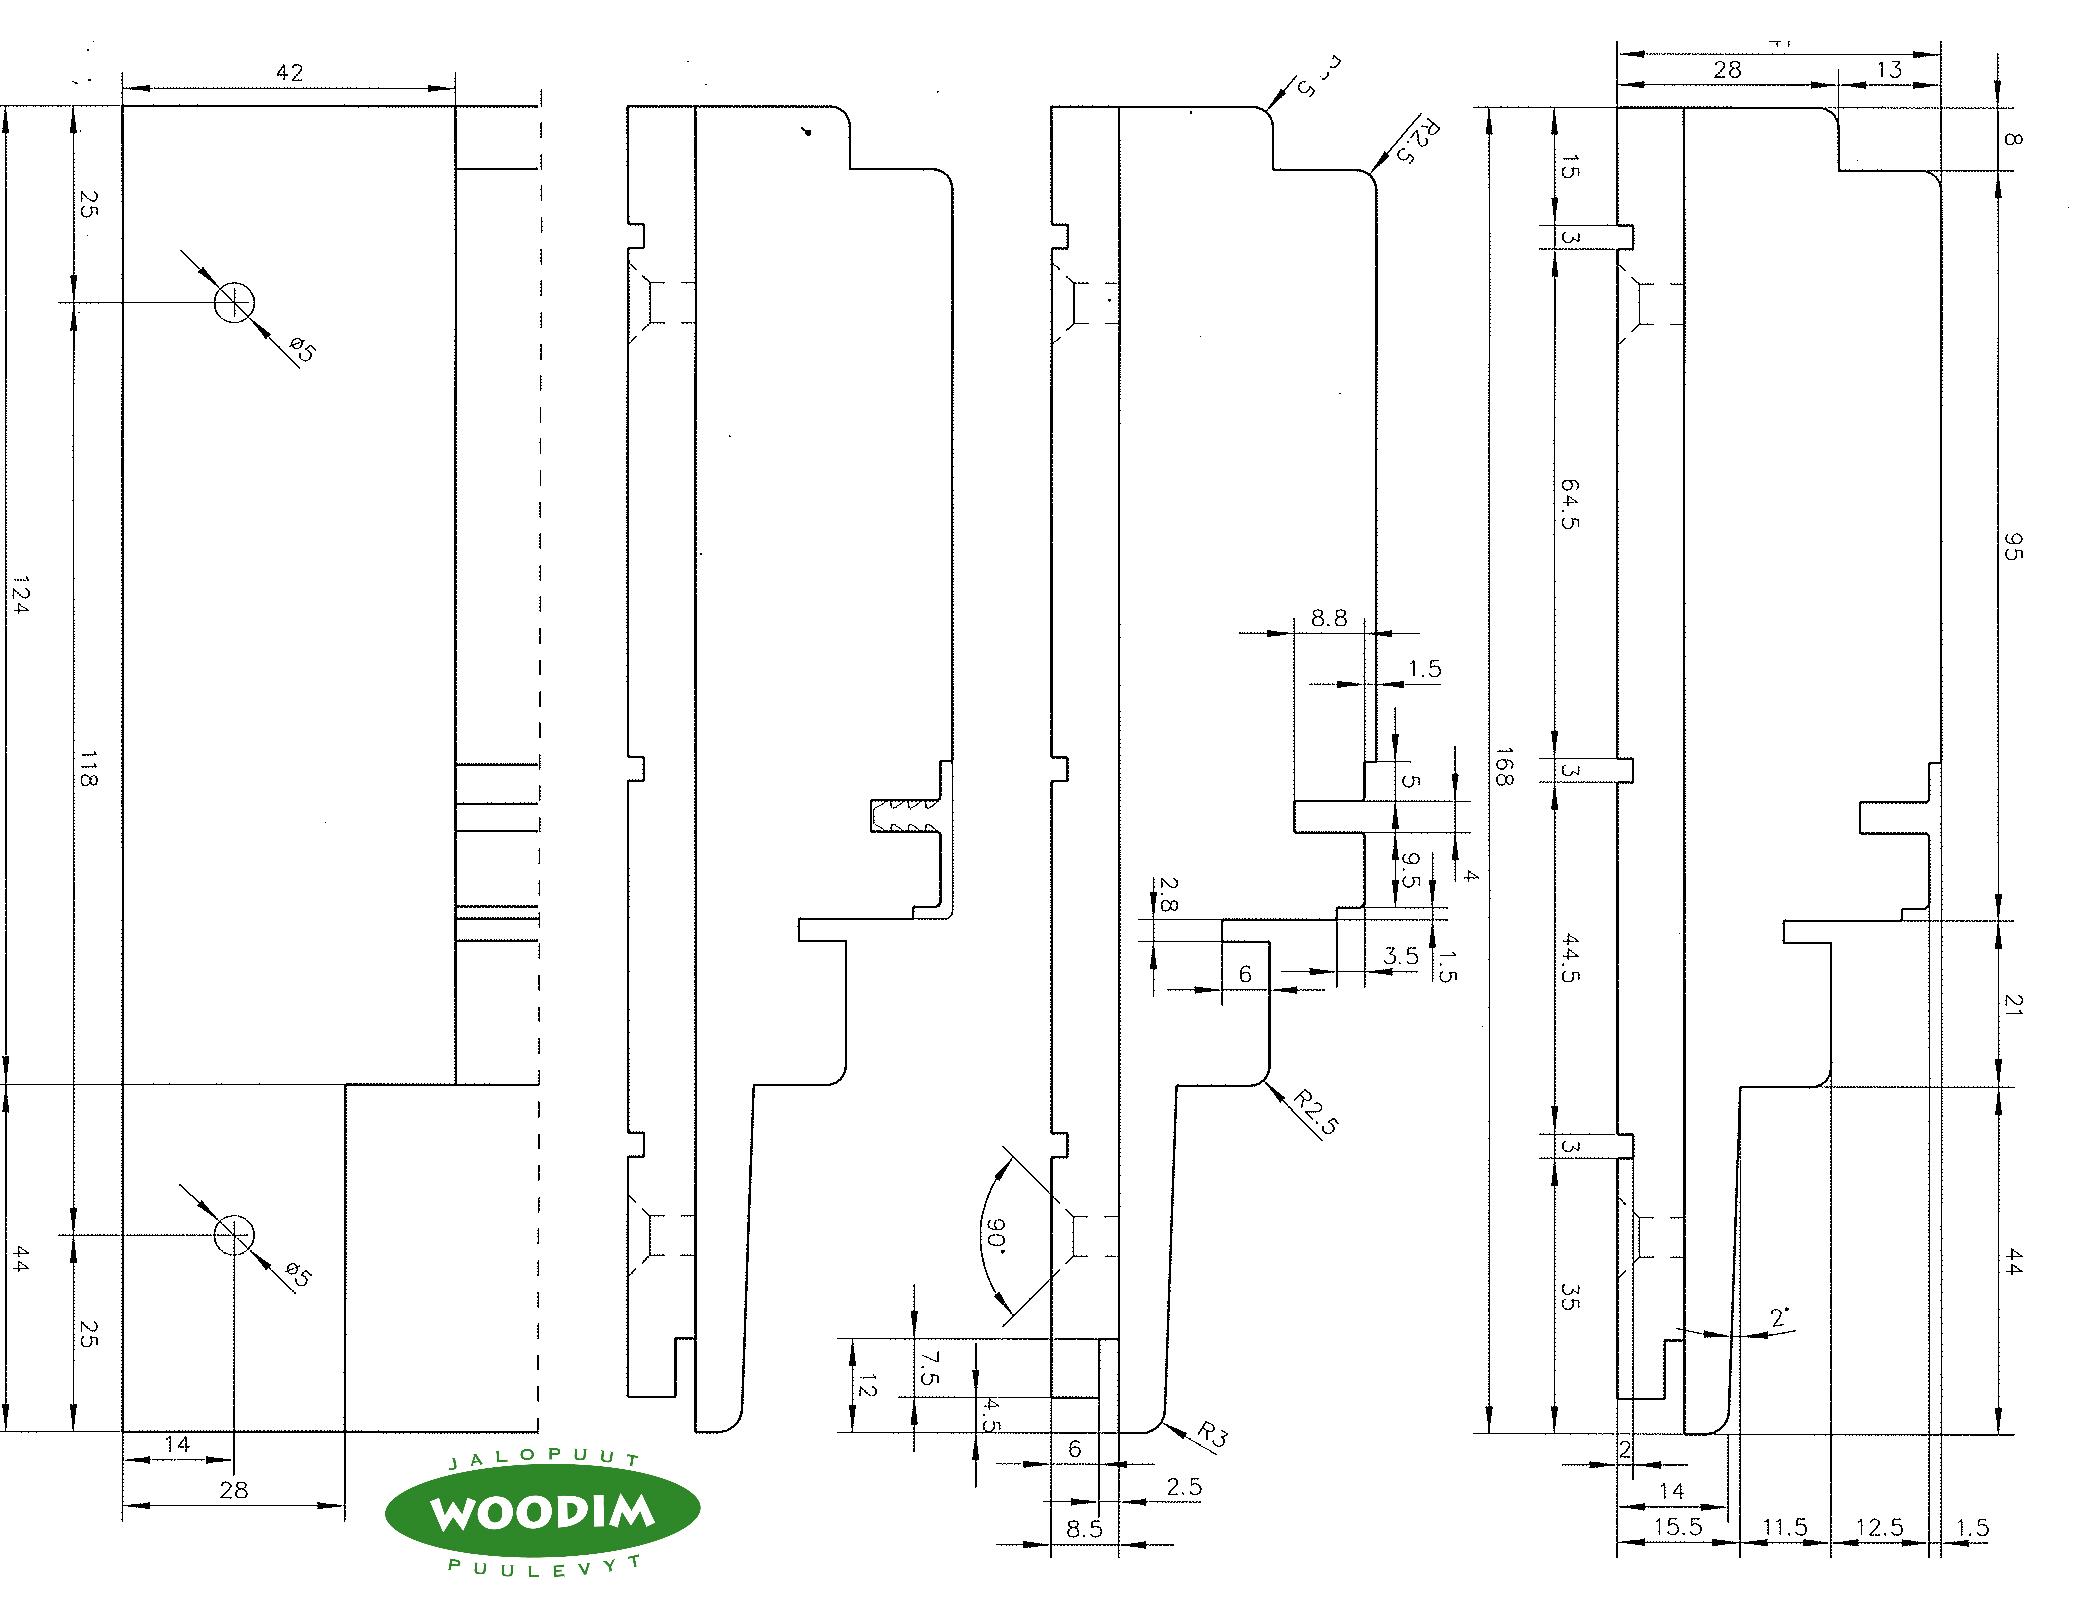 kempas-kynnys-woodim-outlet